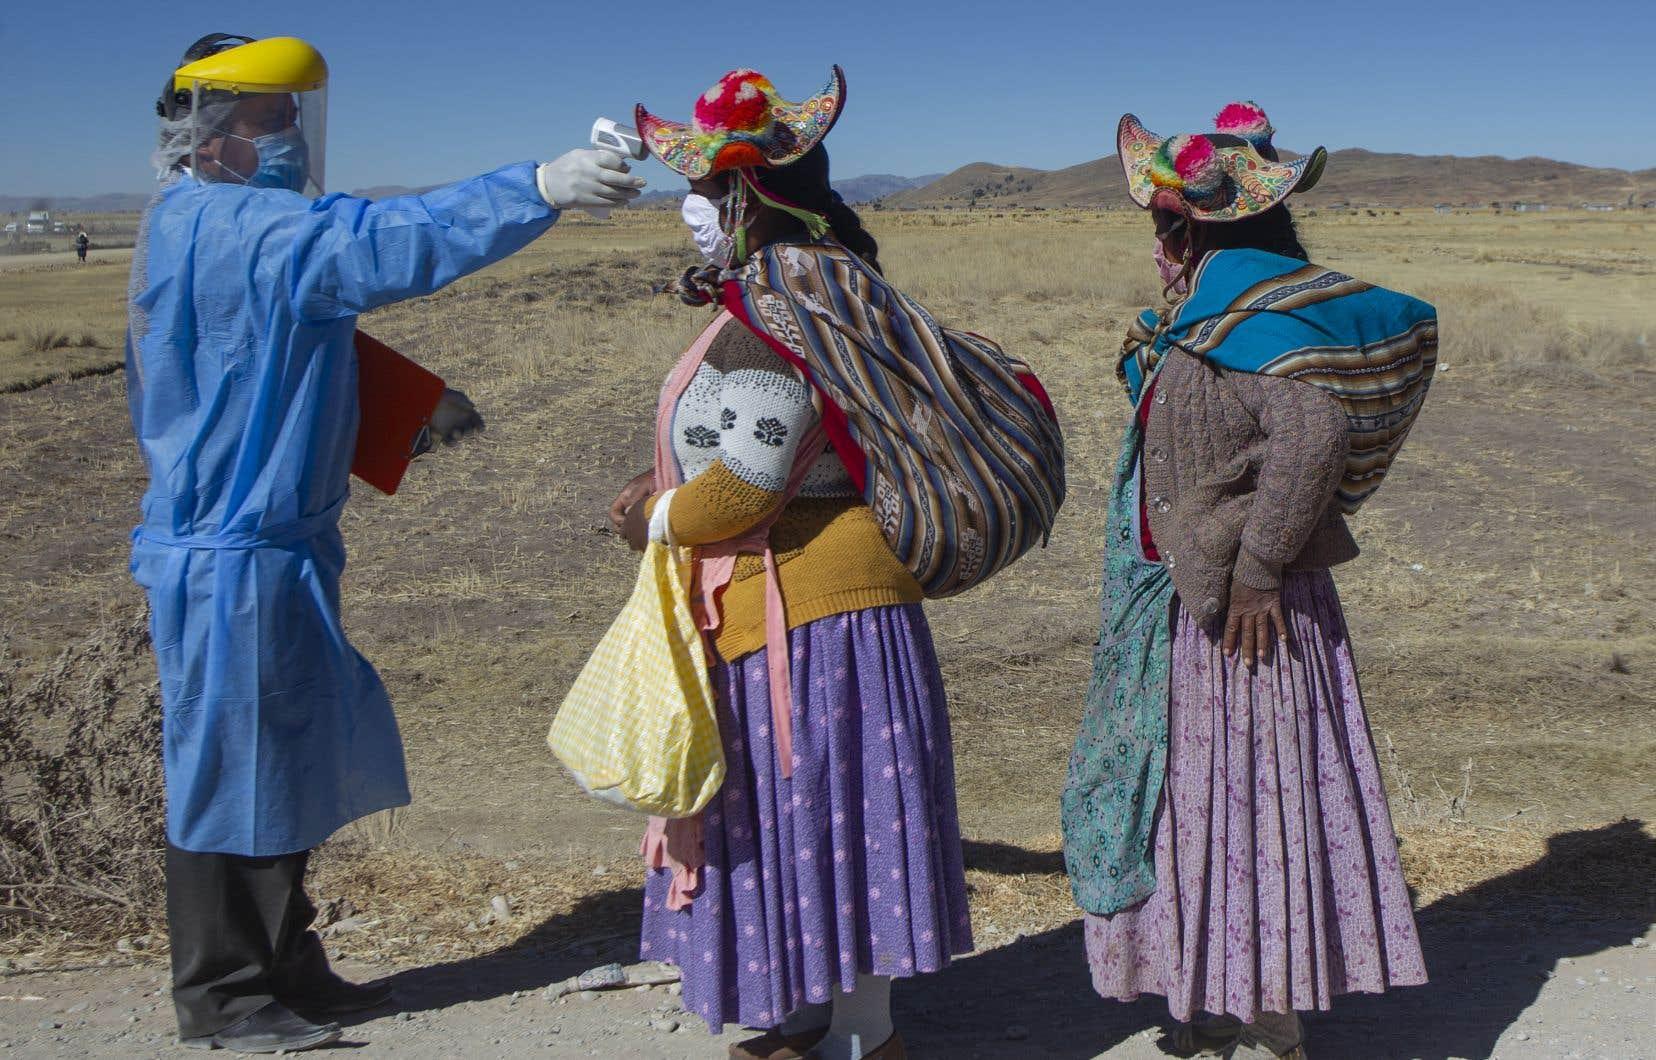 La COVID-19 poursuit ses ravages en Amérique latine, comme ici au Pérou, qui a fermé sa frontière avec la Bolivie.